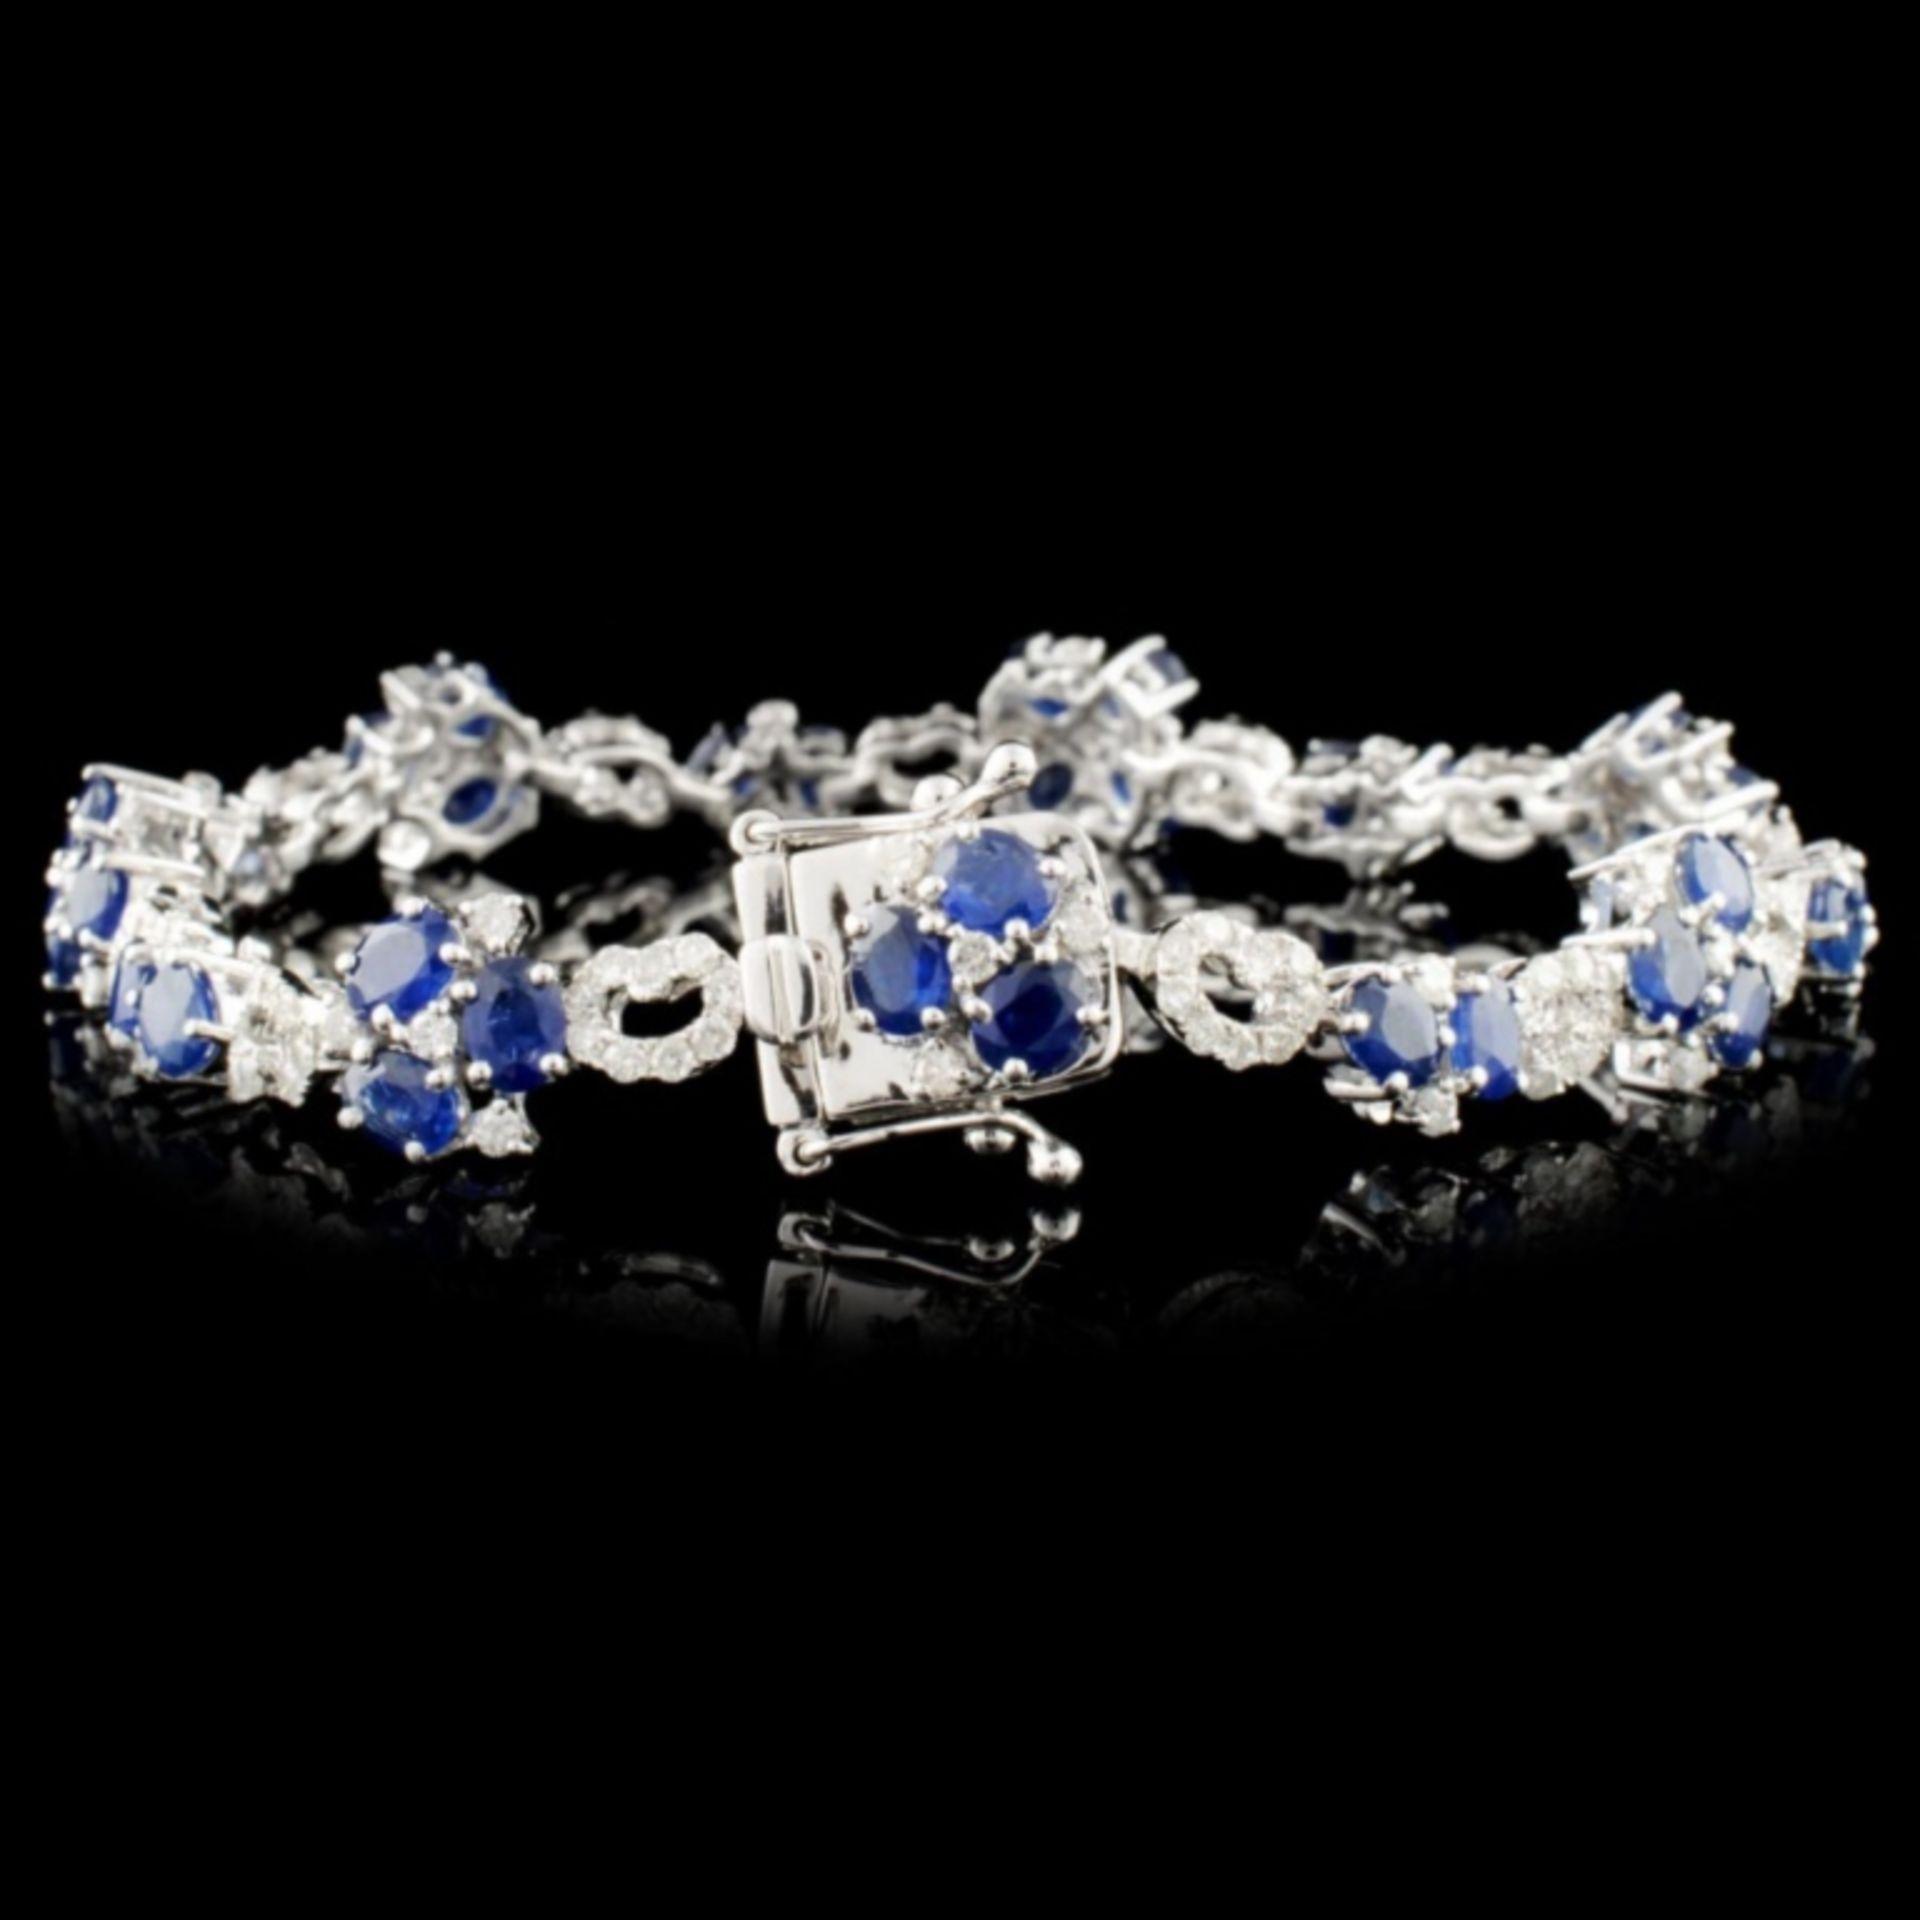 14K Gold 7.68ctw Sapphire & 1.89ctw Diamond Bracel - Image 2 of 3